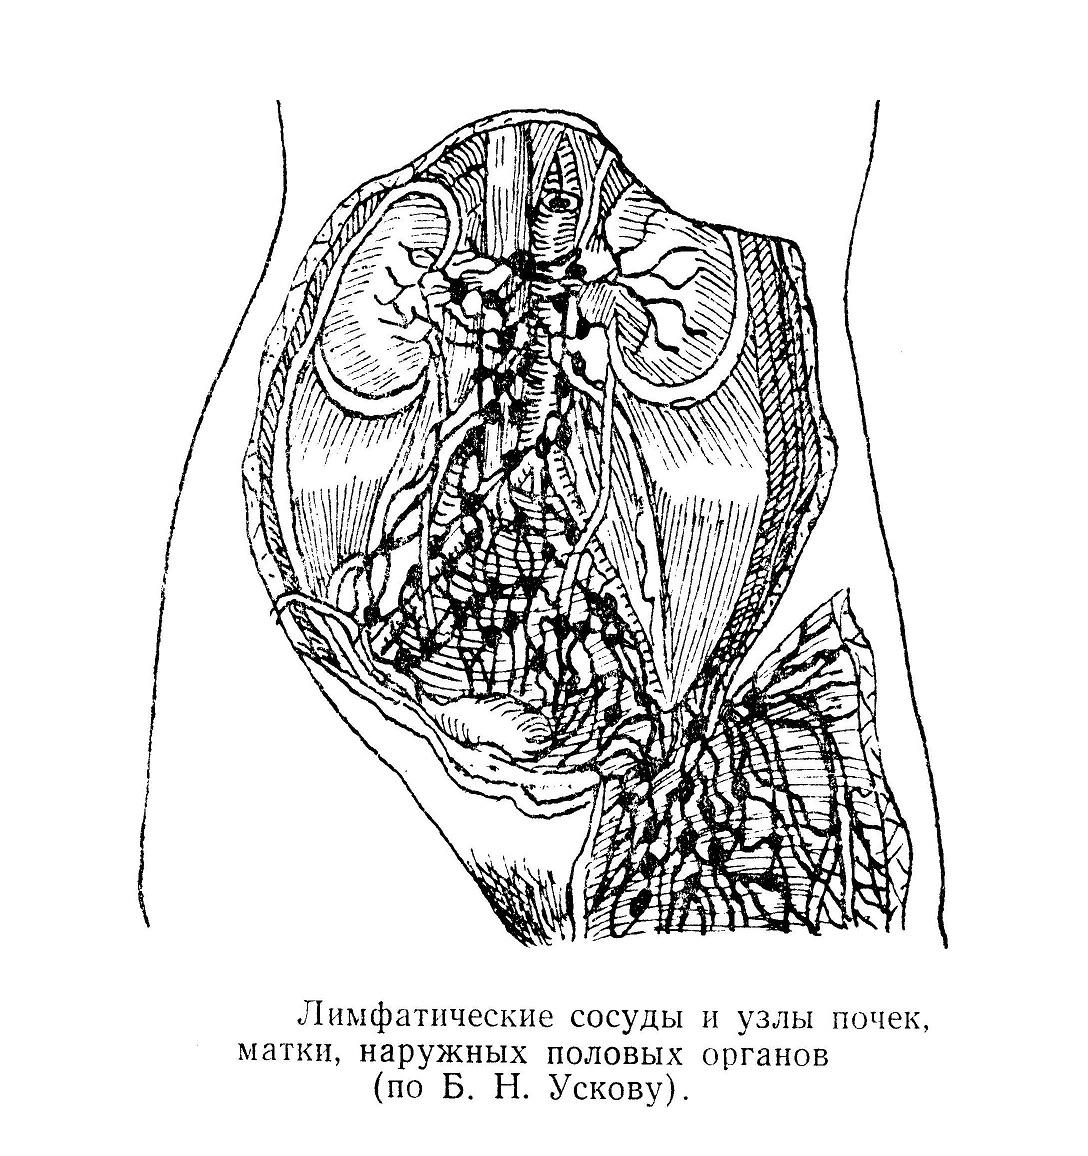 Лимфатические сосуды и узлы почек, матки, наружных половых органов